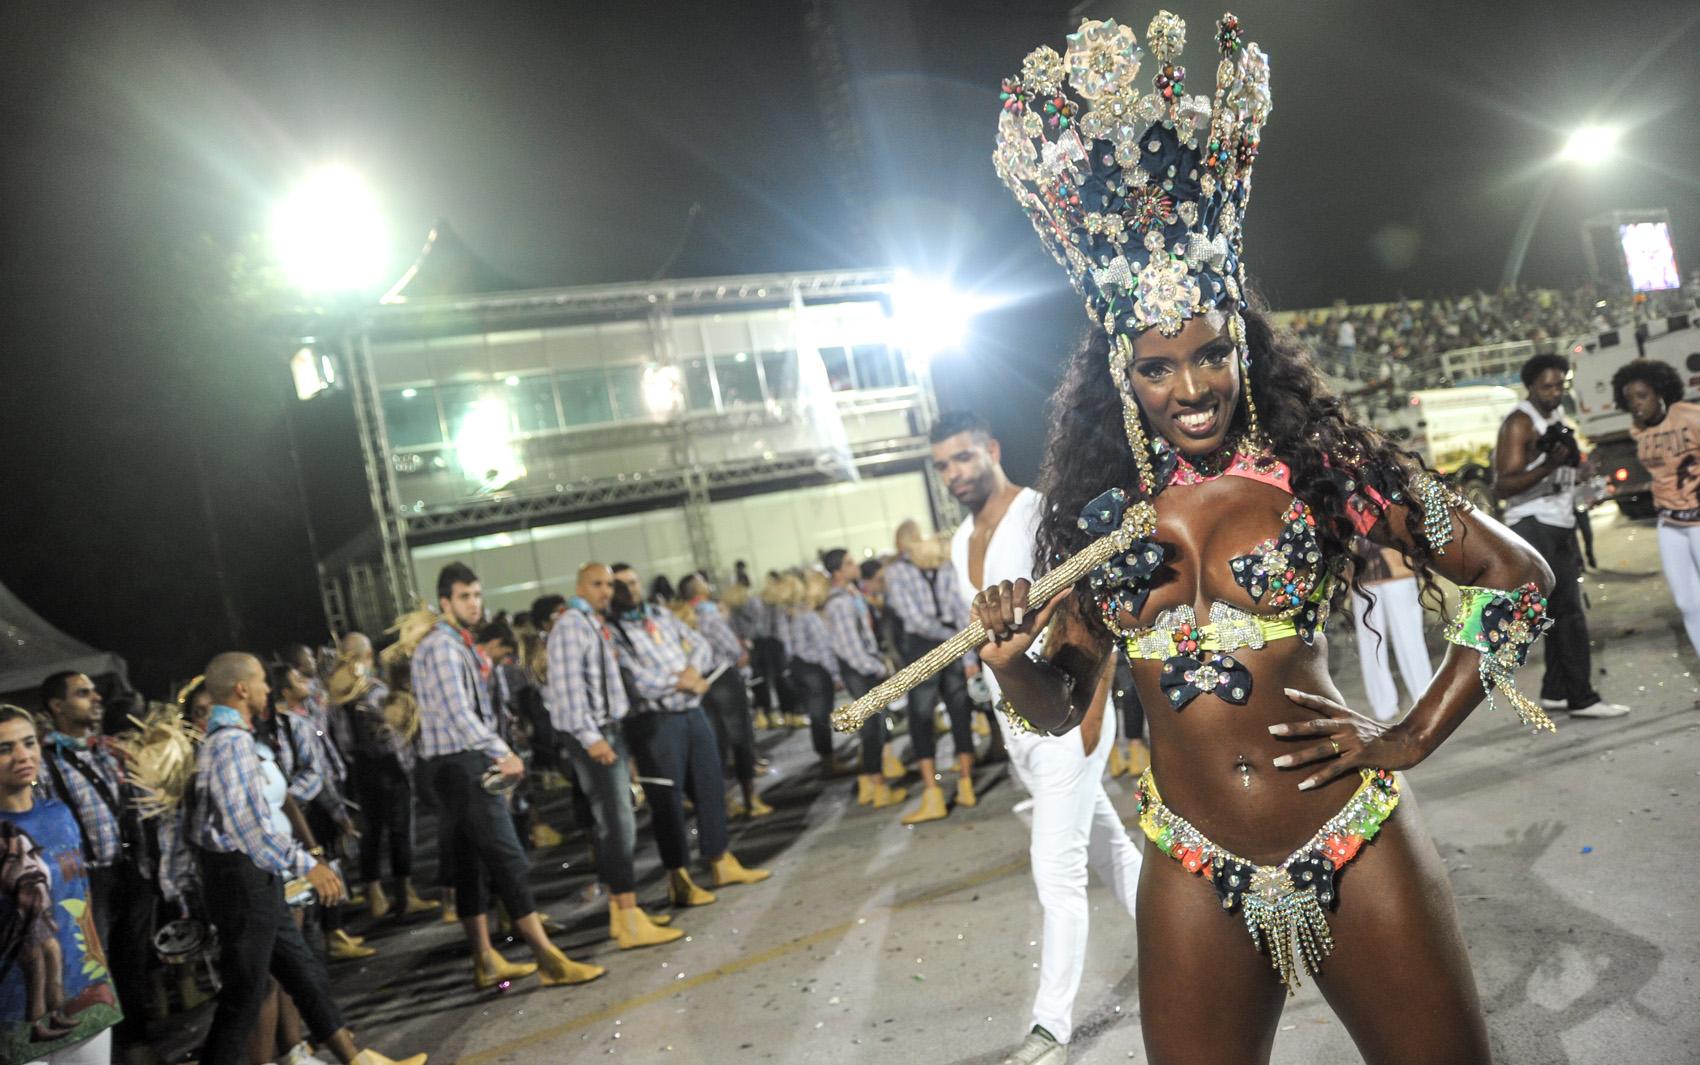 FOTOS  desfile da Acadêmicos do Tucuruvi - fotos em Carnaval 2013 em São  Paulo - g1 f7e5bcbd11